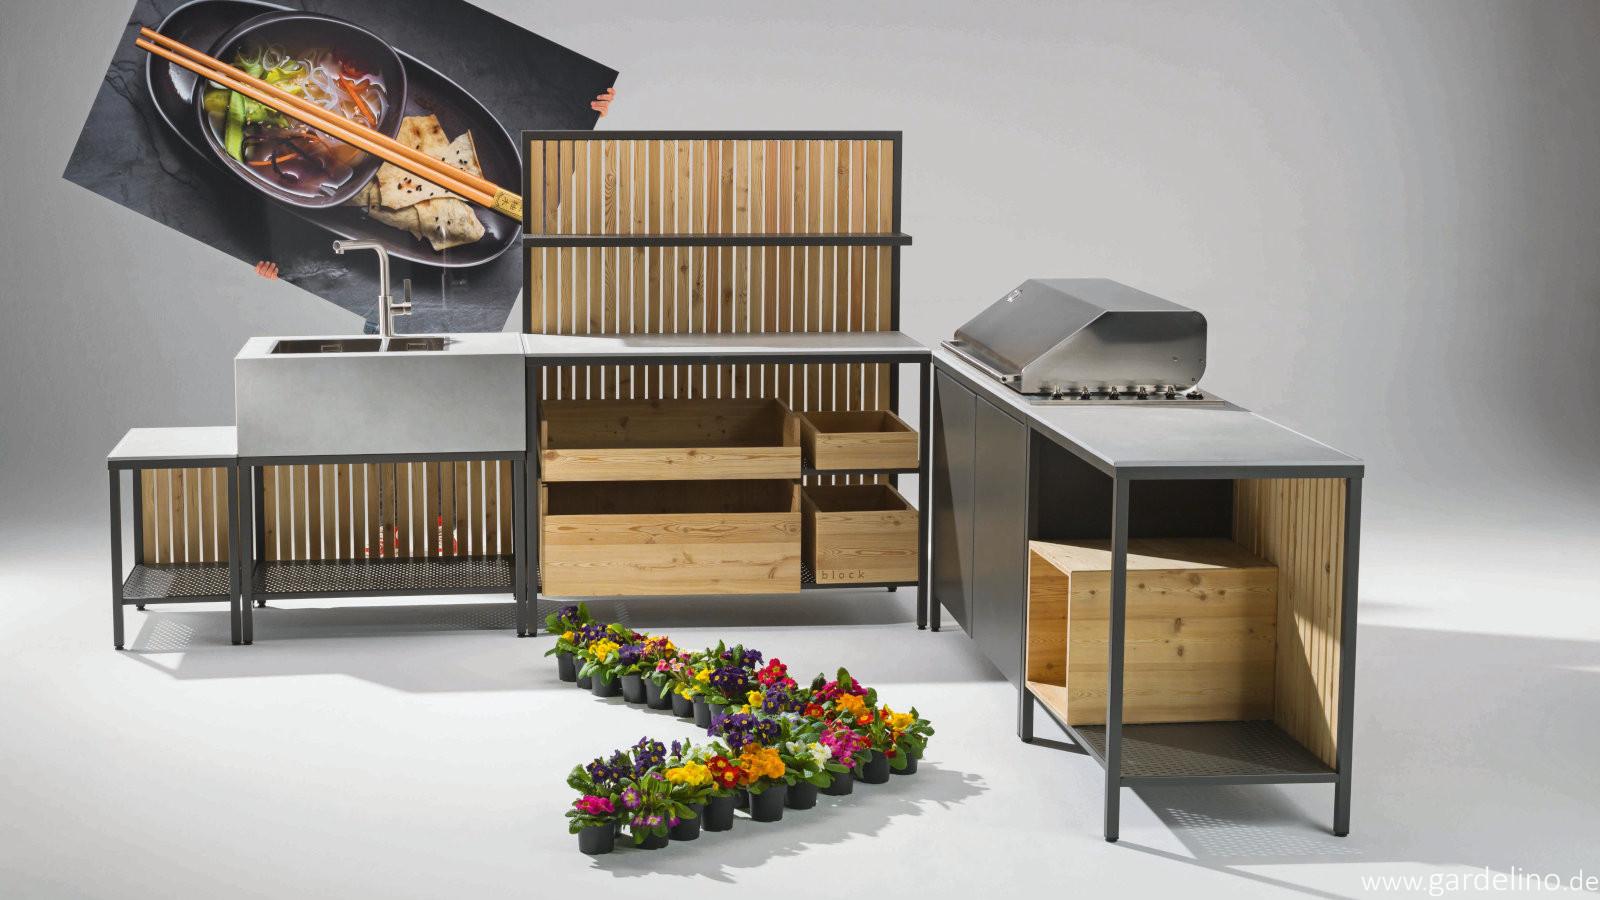 Outdoor Küche Lärche : Die besten outdoor küchen im Überblick falstaff